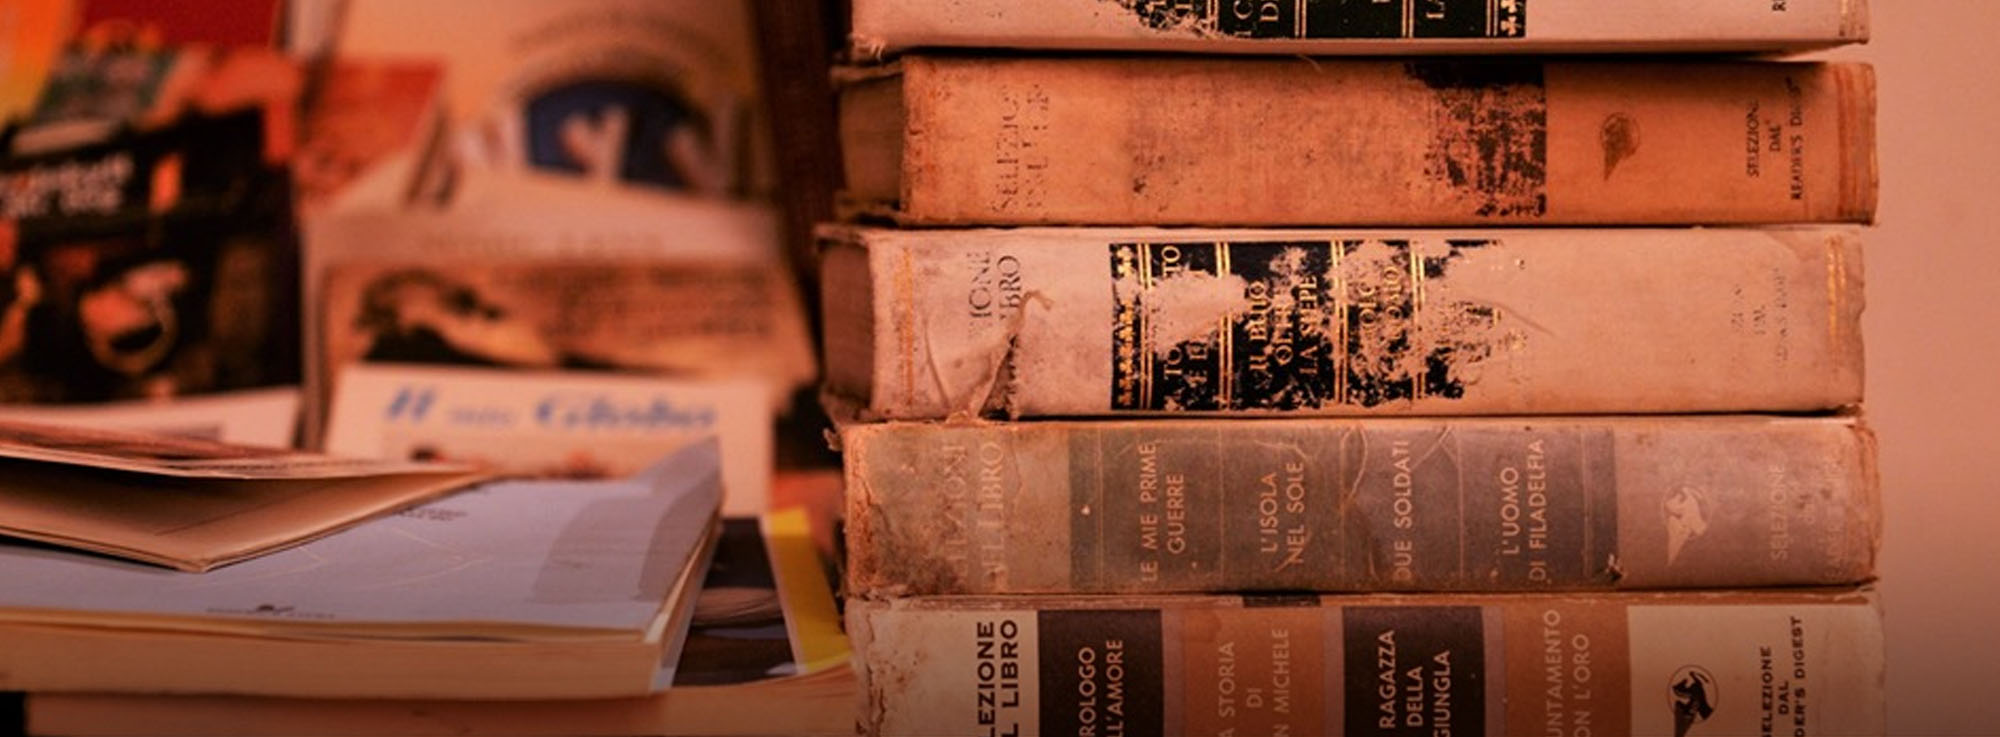 Cerignola: Fiera del libro, dell'editoria e del giornalismo